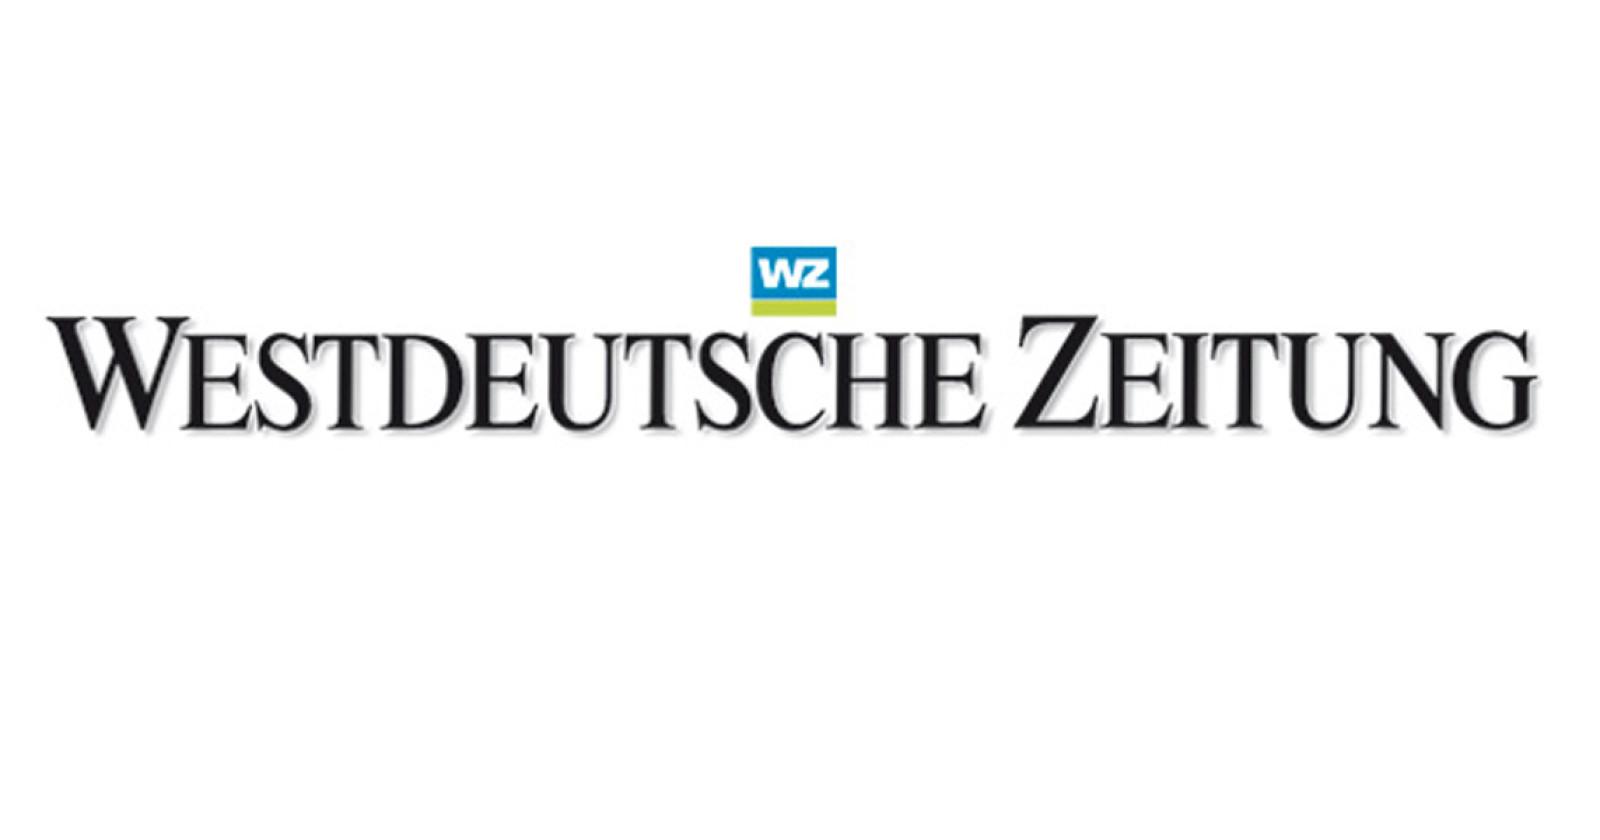 Westdeutsche Zeitung: Sauberkeit in Schulen. Putzen ist oft eine Zumutung.